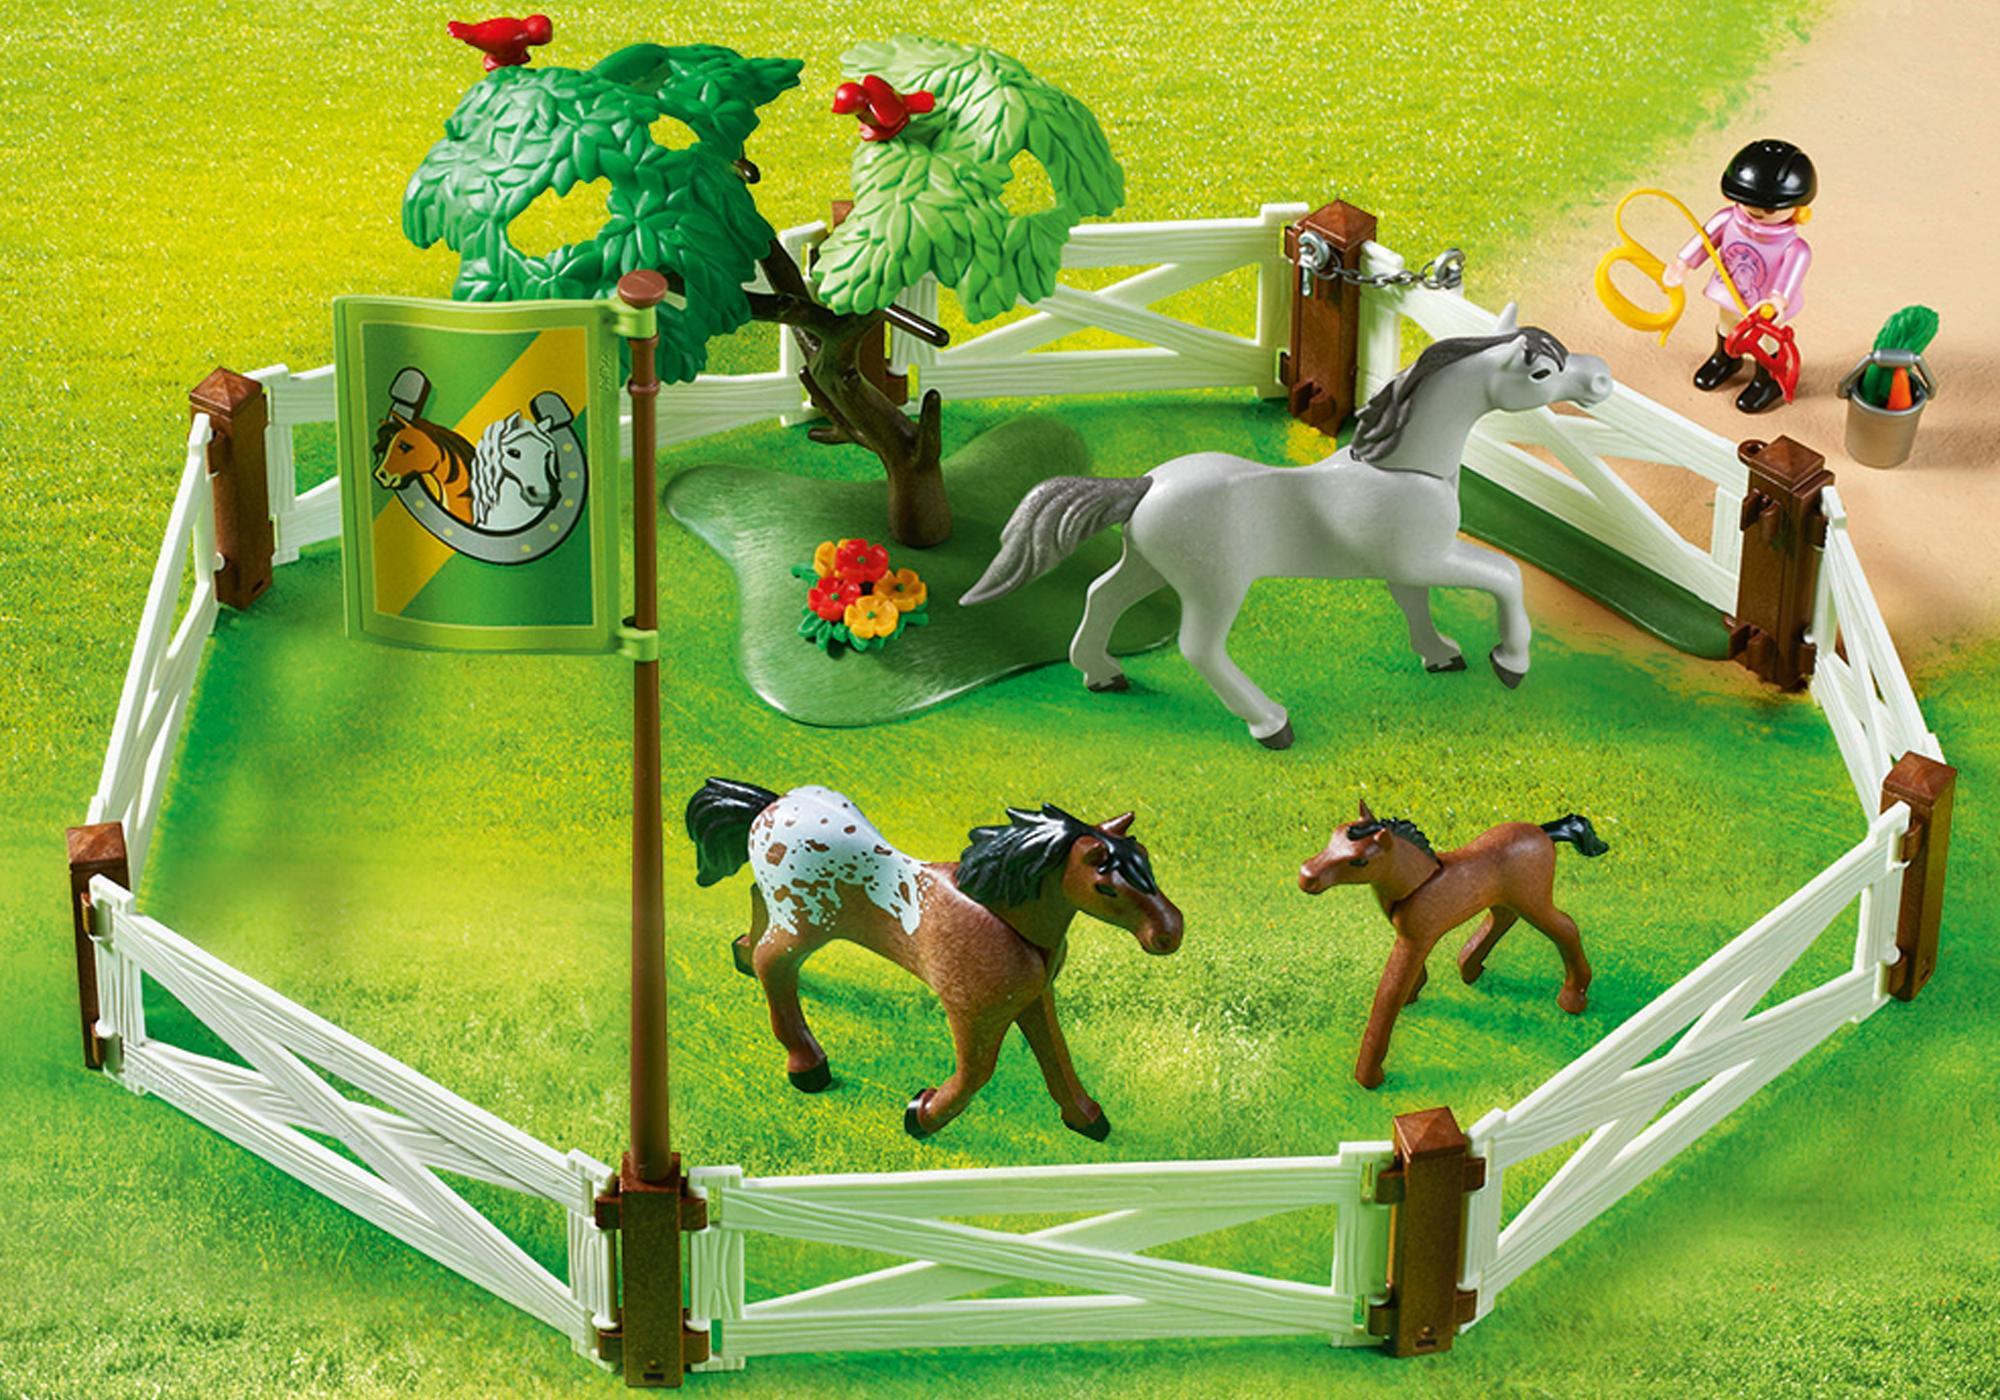 http://media.playmobil.com/i/playmobil/6931_product_extra2/Wybieg dla konia